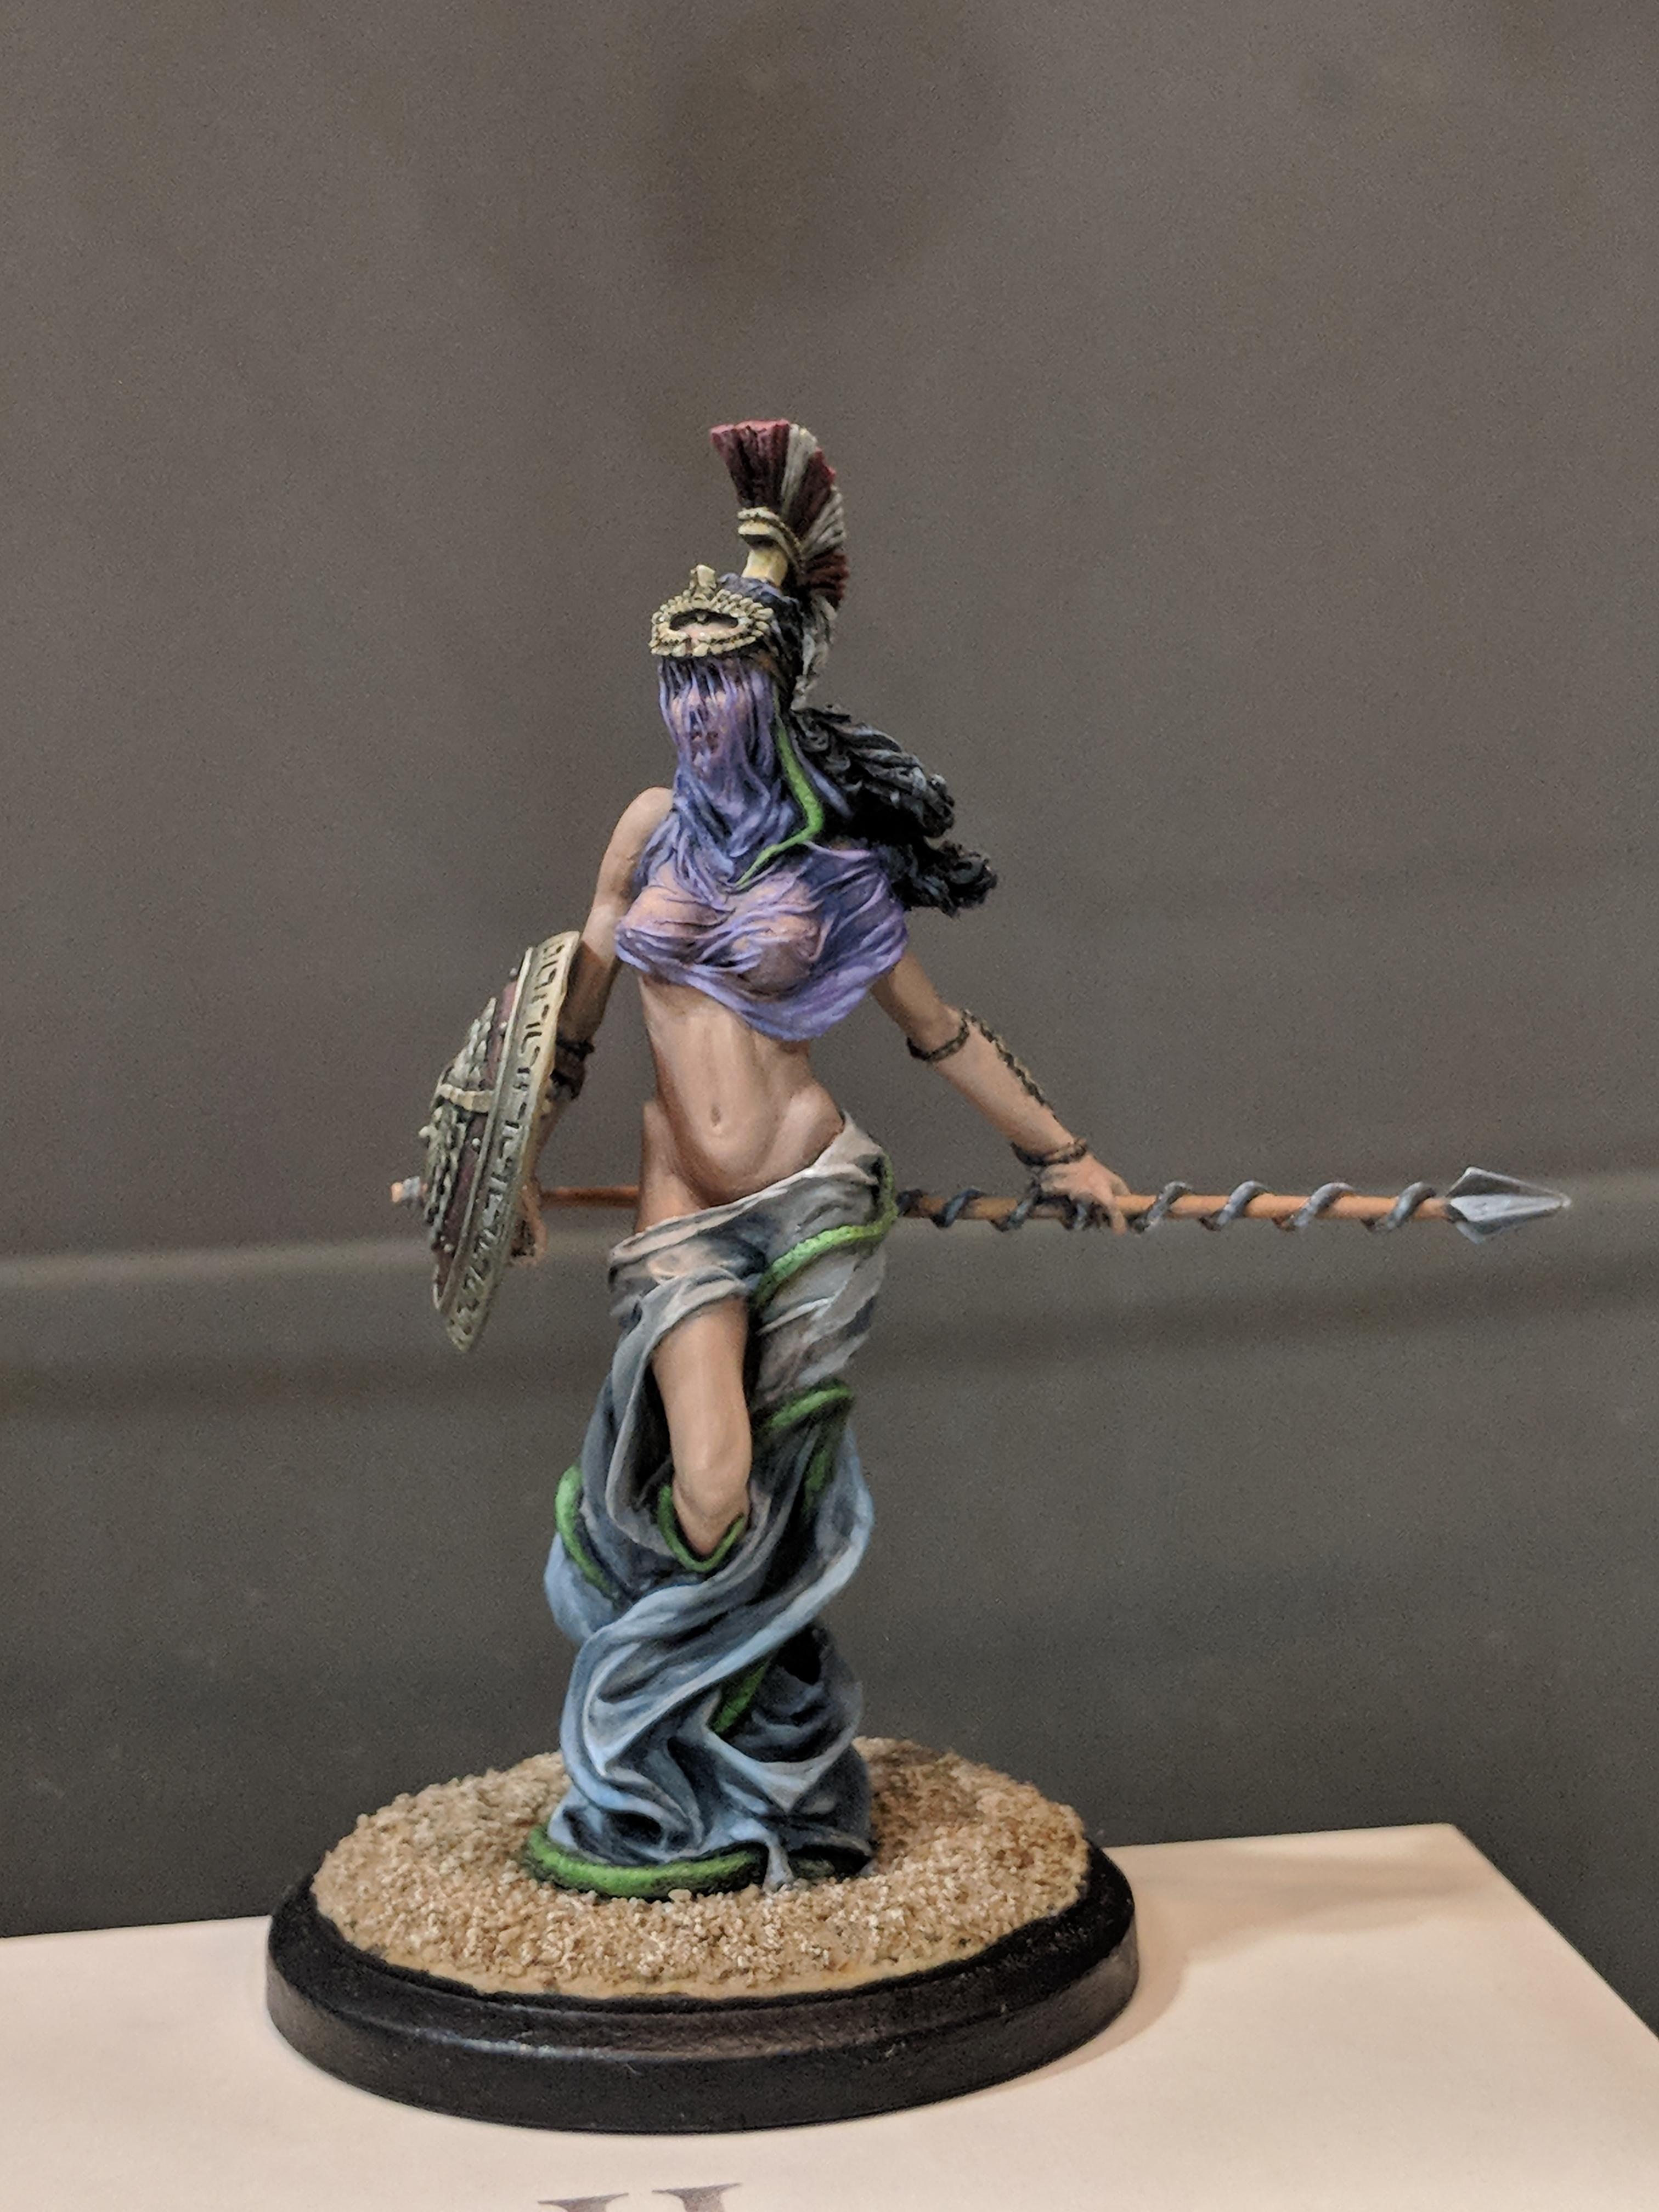 Amazon, Athena, Goddess, Greek